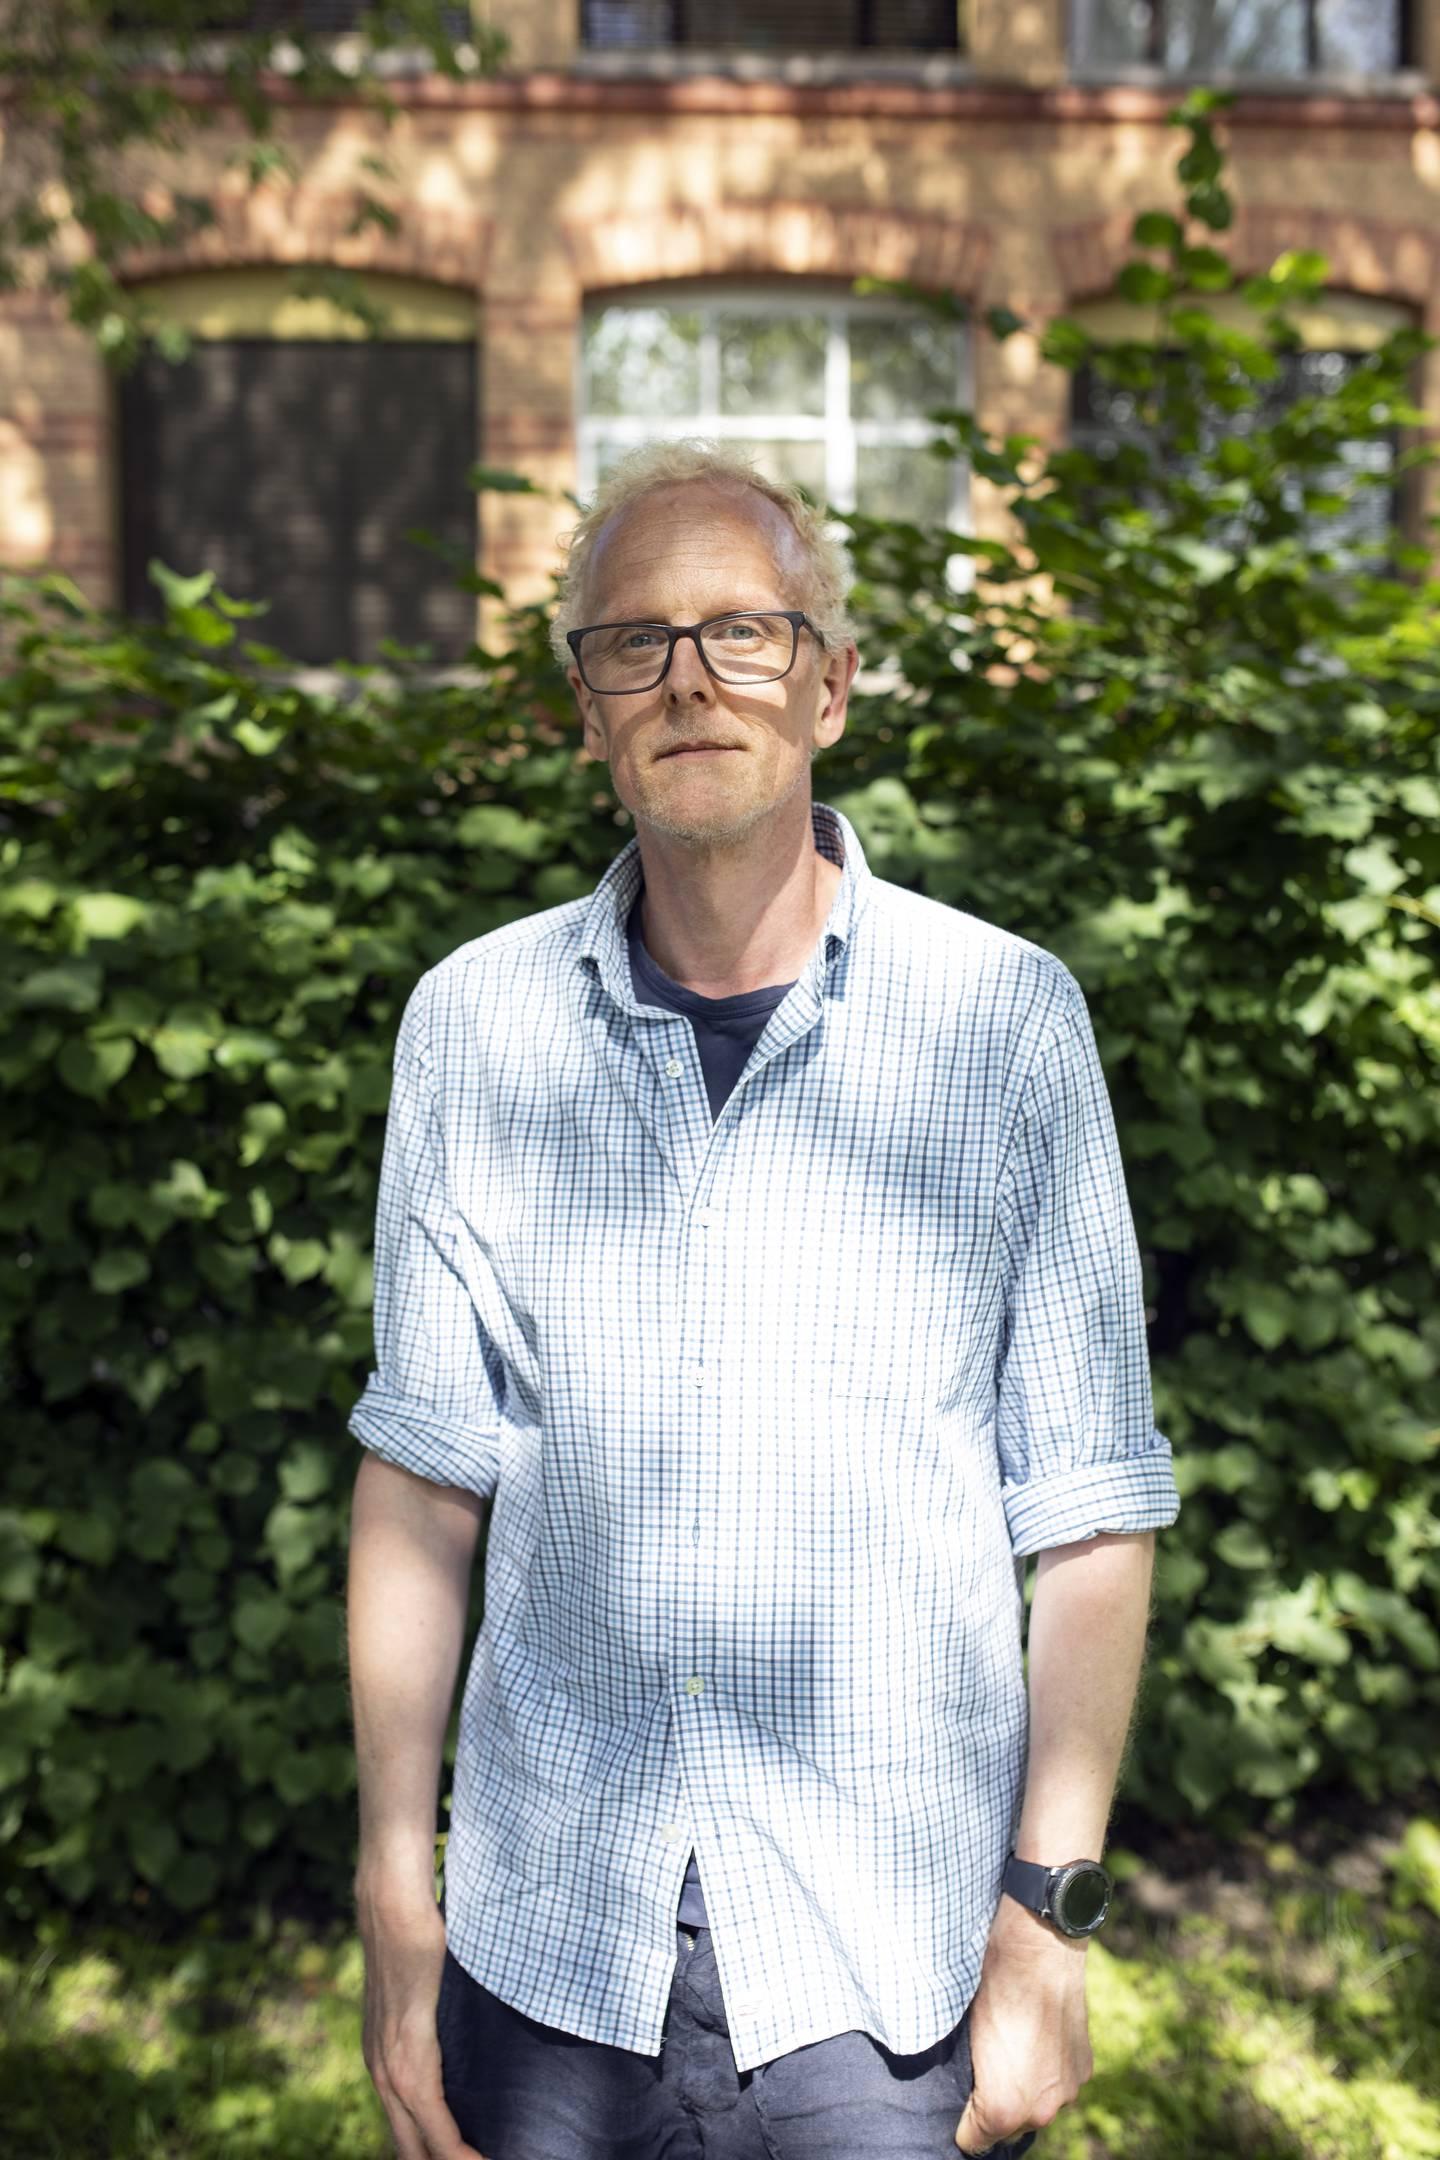 Jens Christian Holmberg. Seksjonsleder akutten Ullevål sykehus. Jobbet 22.juli 2011.  Intervjuet i forbindelse med 10 år siden 22.juli